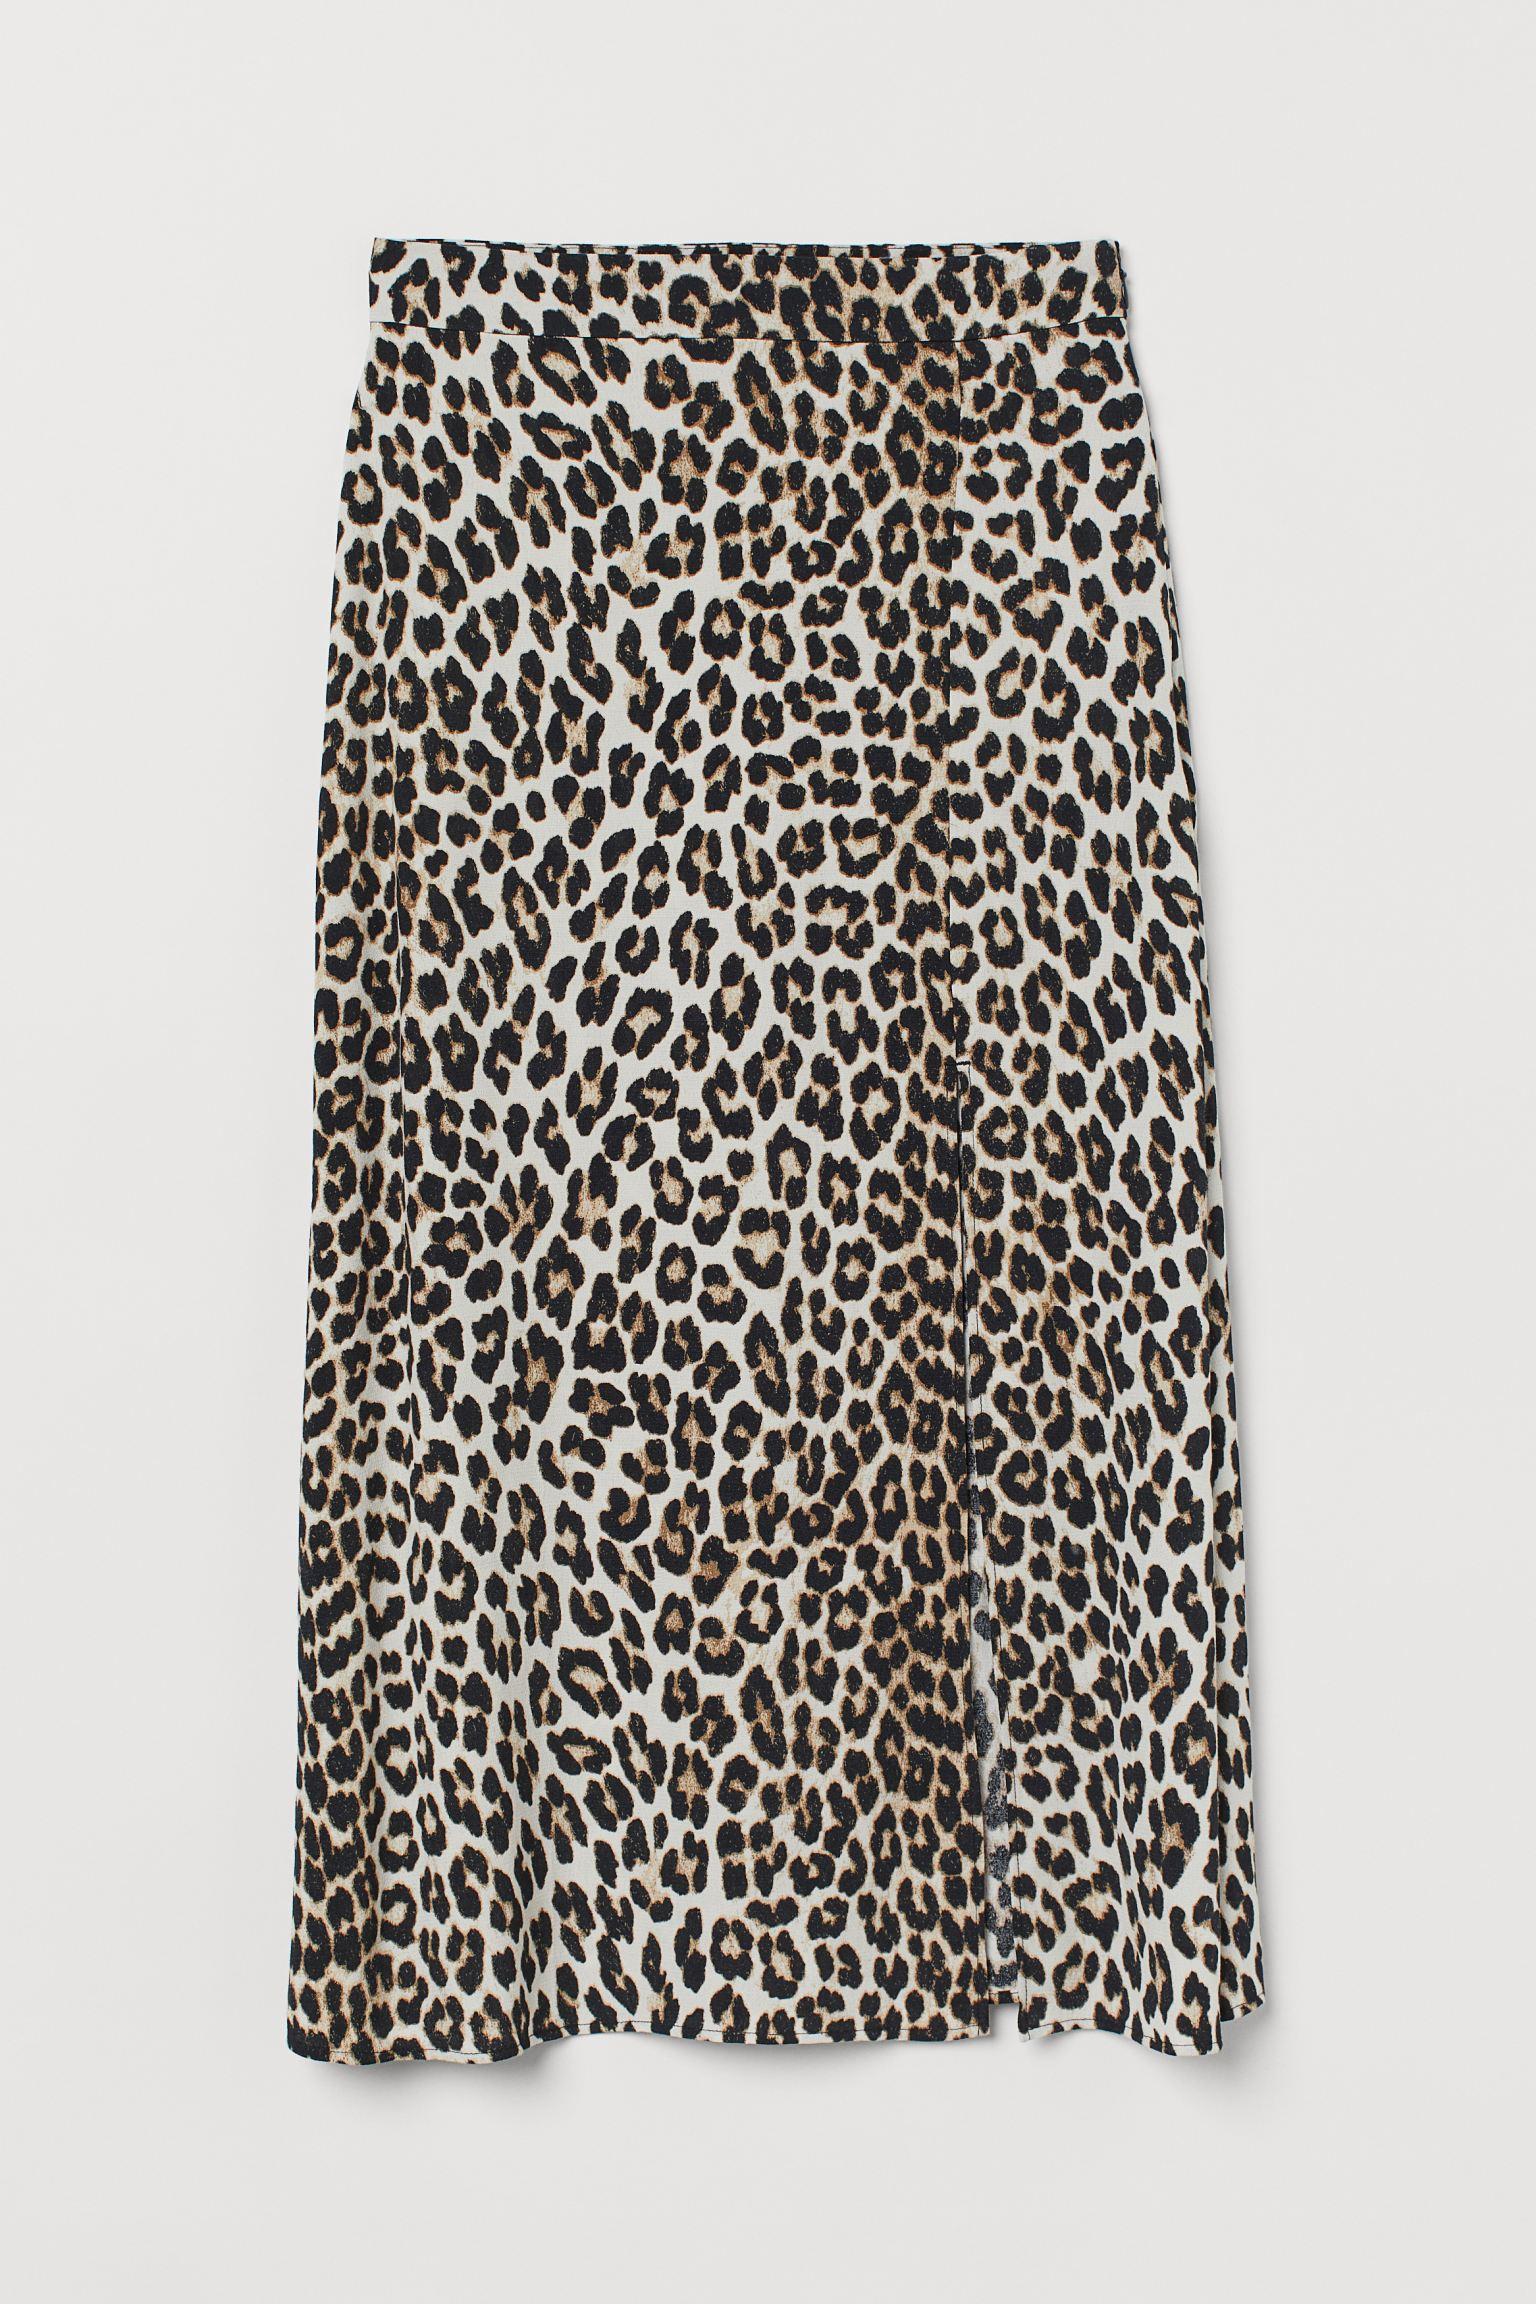 Falda midi en tejido vaporoso de viscosa. Modelo de talle alto con cremallera lateral oculta y abertura pronunciada delante.